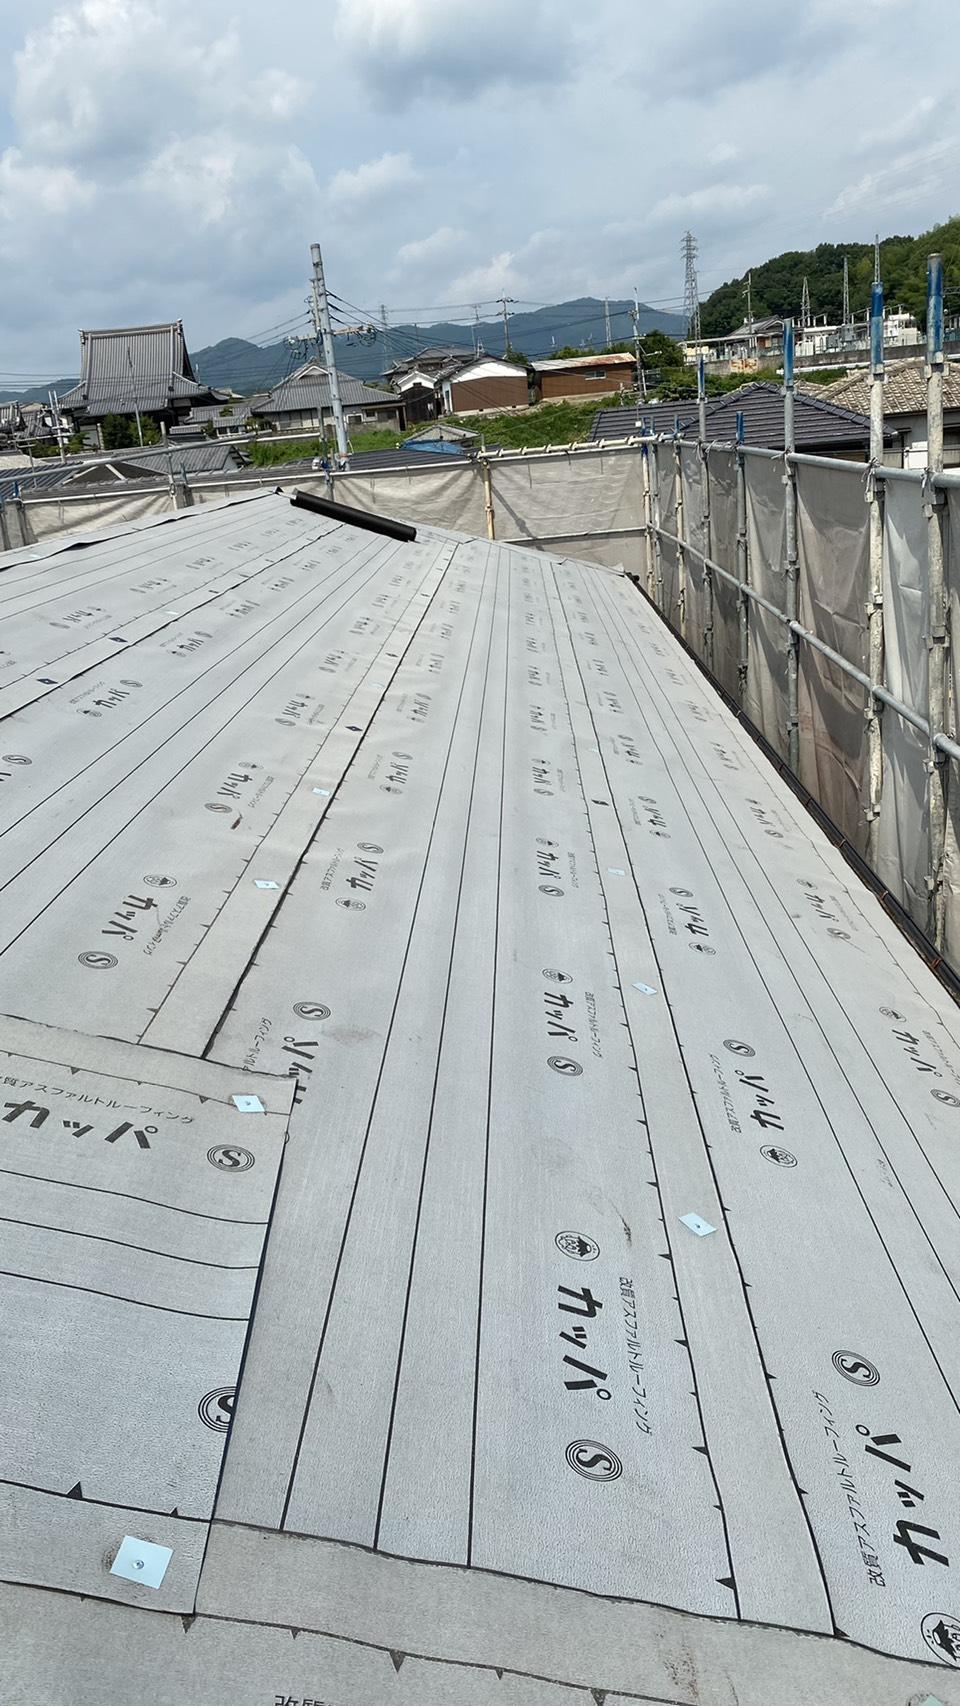 屋根カバー工法で防水シートを貼った様子